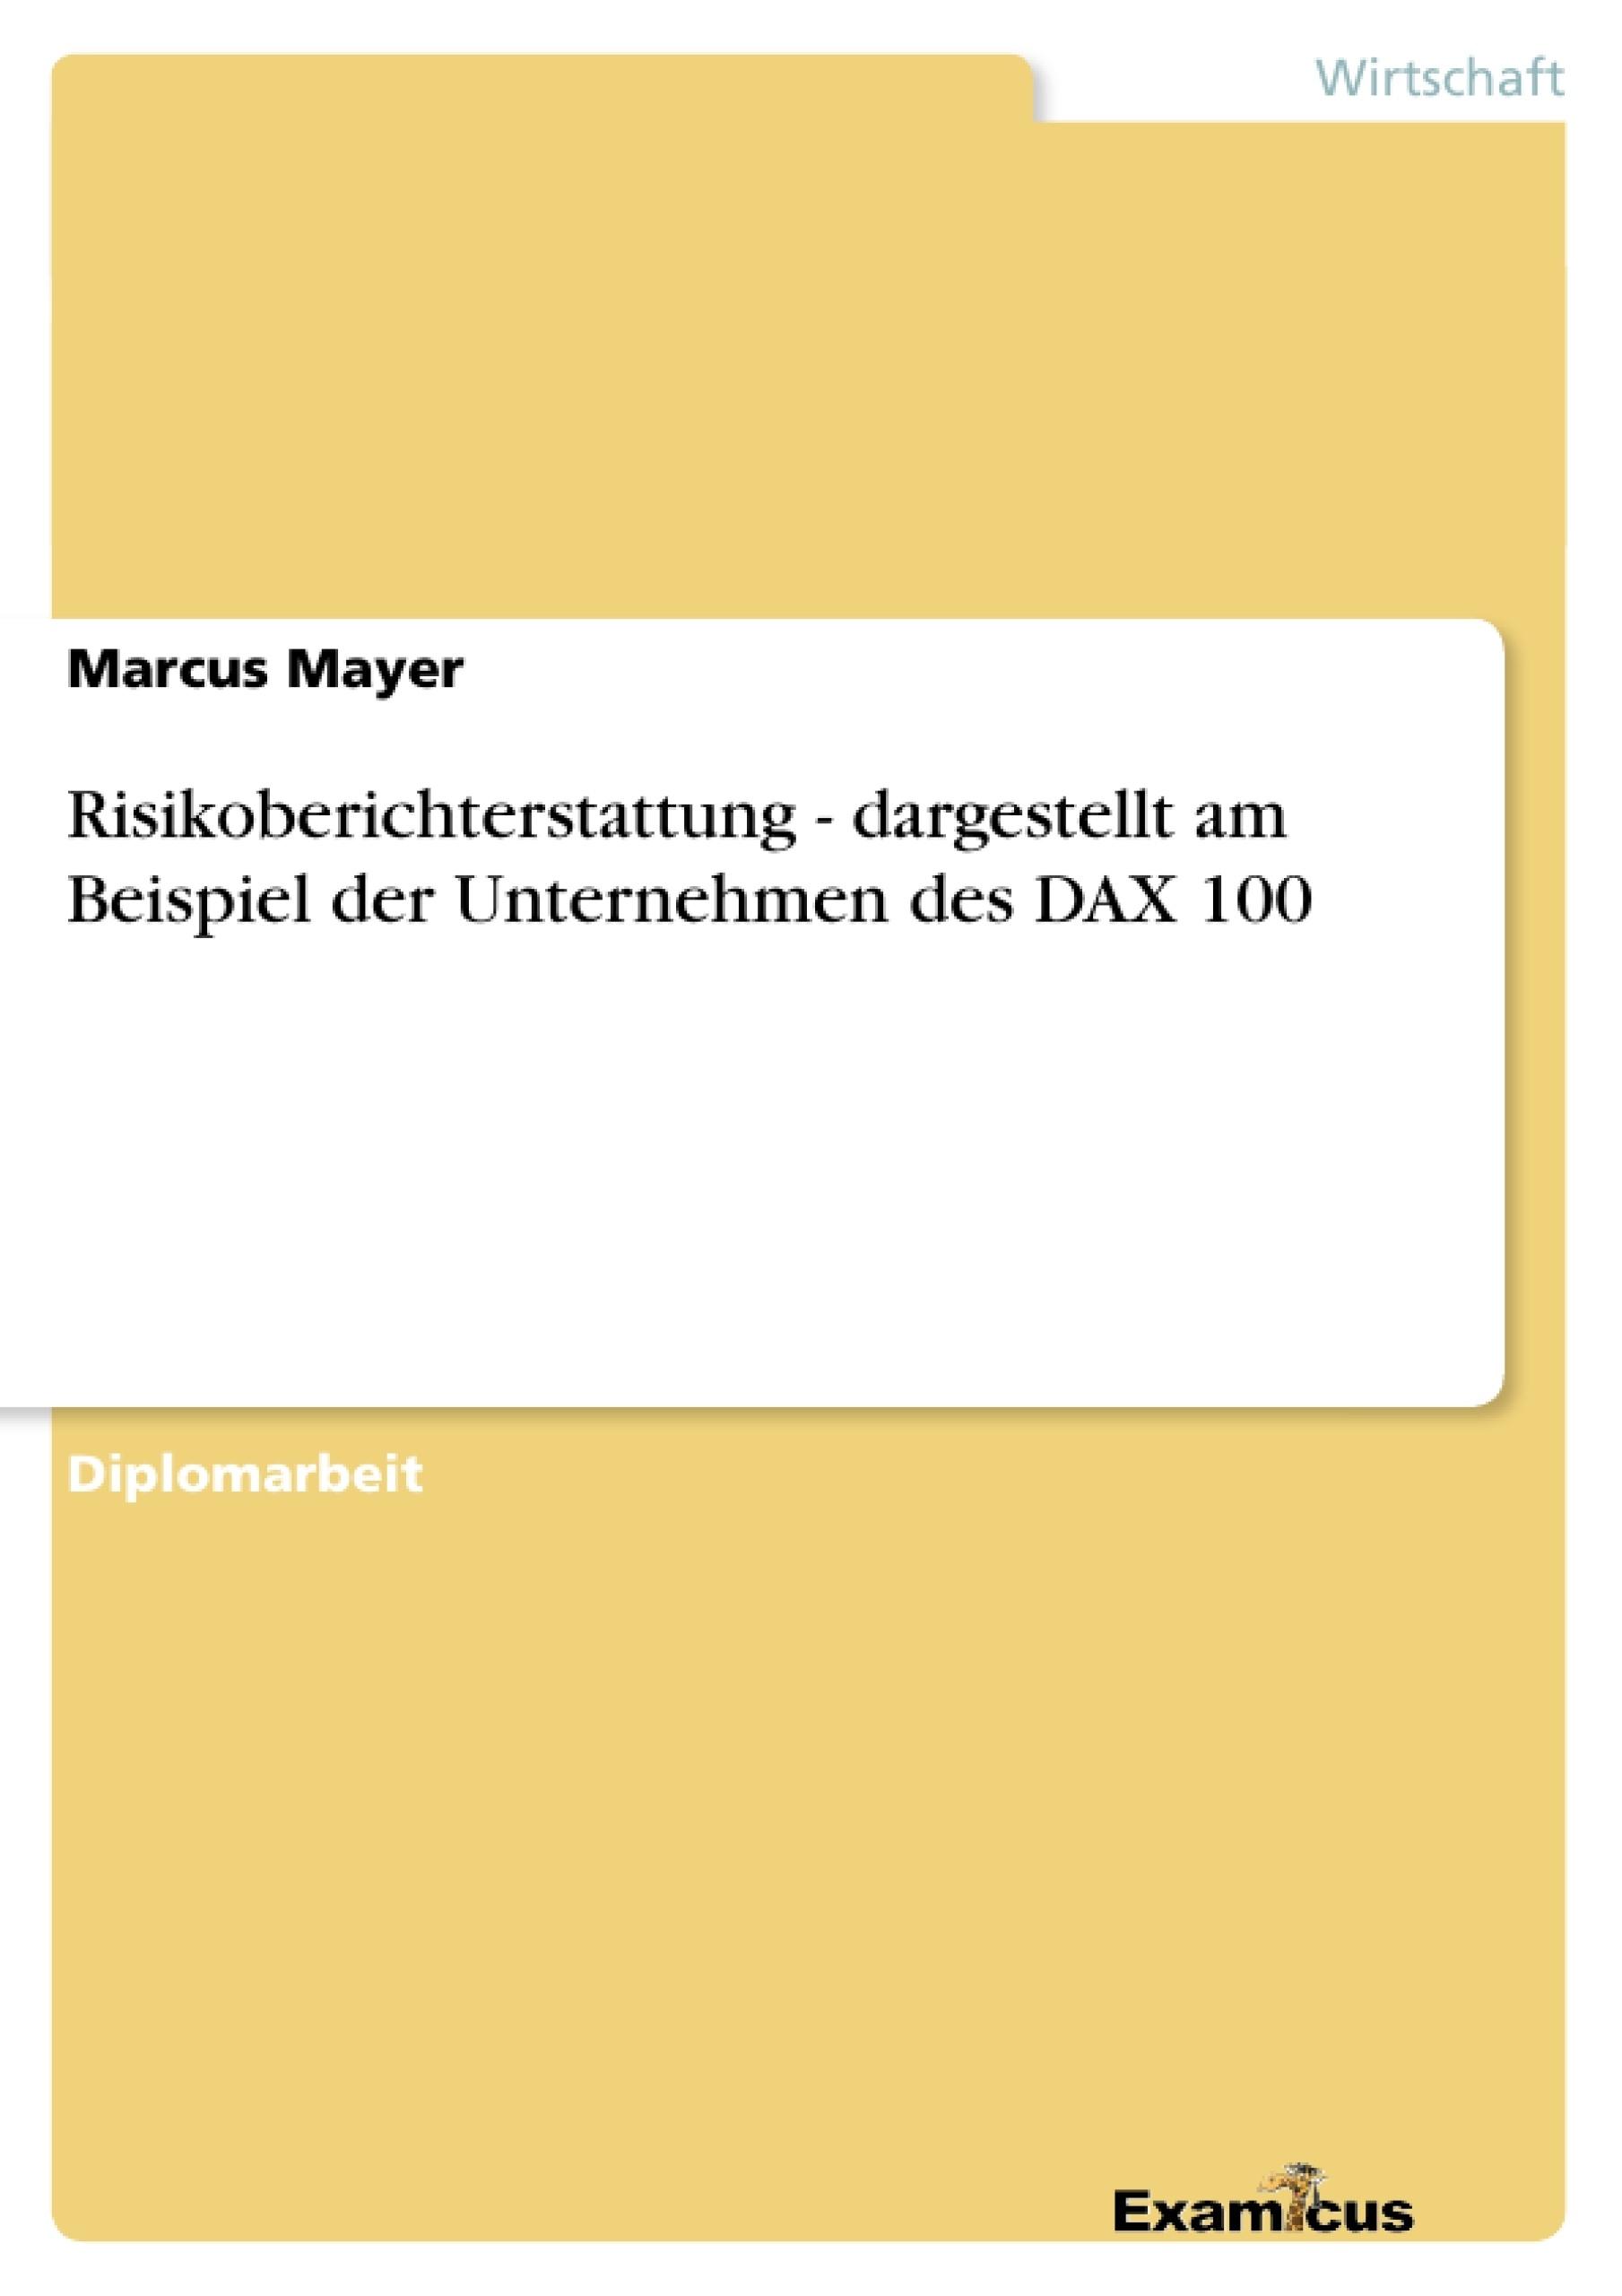 Titel: Risikoberichterstattung - dargestellt am Beispiel der Unternehmen des DAX 100